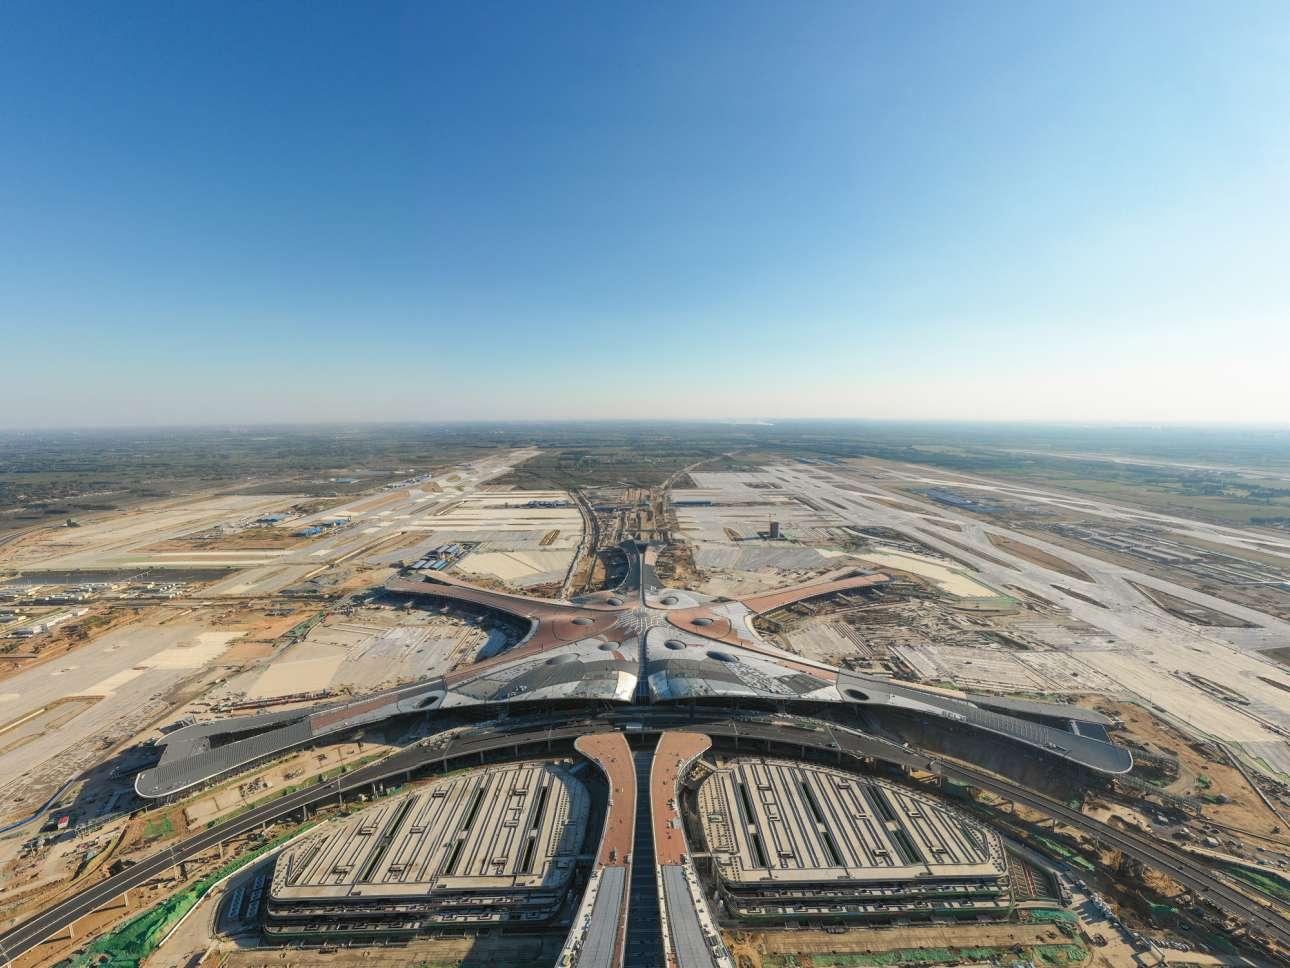 Πολύς ανεκμετάλλευτος χώρος πέριξ του Πεκίνου. «Ο,τι πρέπει» για την κατασκευή ενός μεγάλου αεροδρομίου